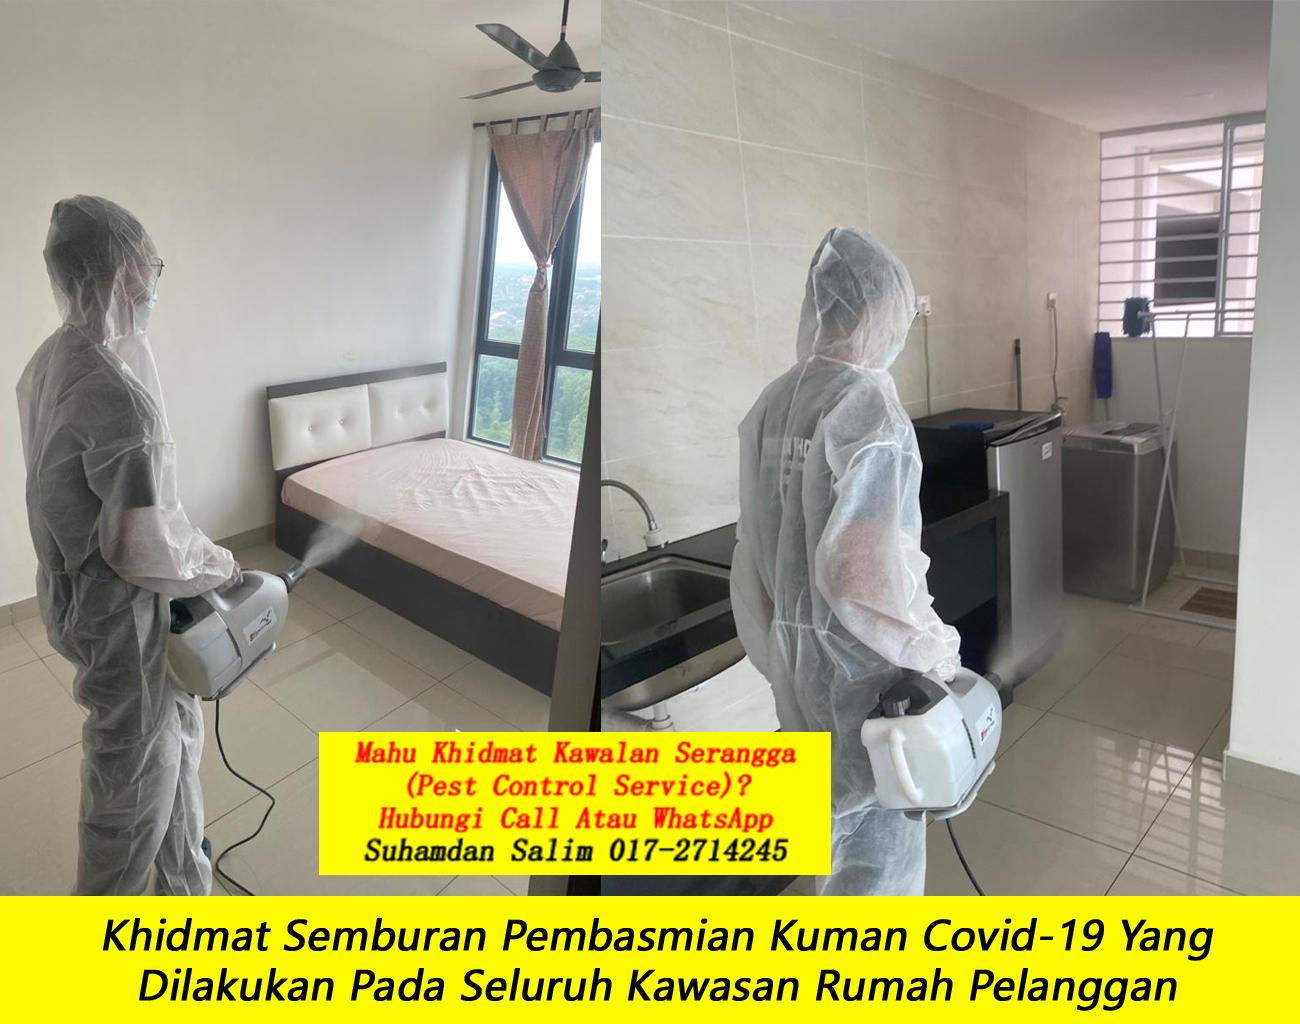 khidmat sanitizing membasmi kuman Covid-19 Disinfection Service semburan sanitize covid 19 paling berkesan dengan harga berpatutan the best service covid-19 jelatek kl